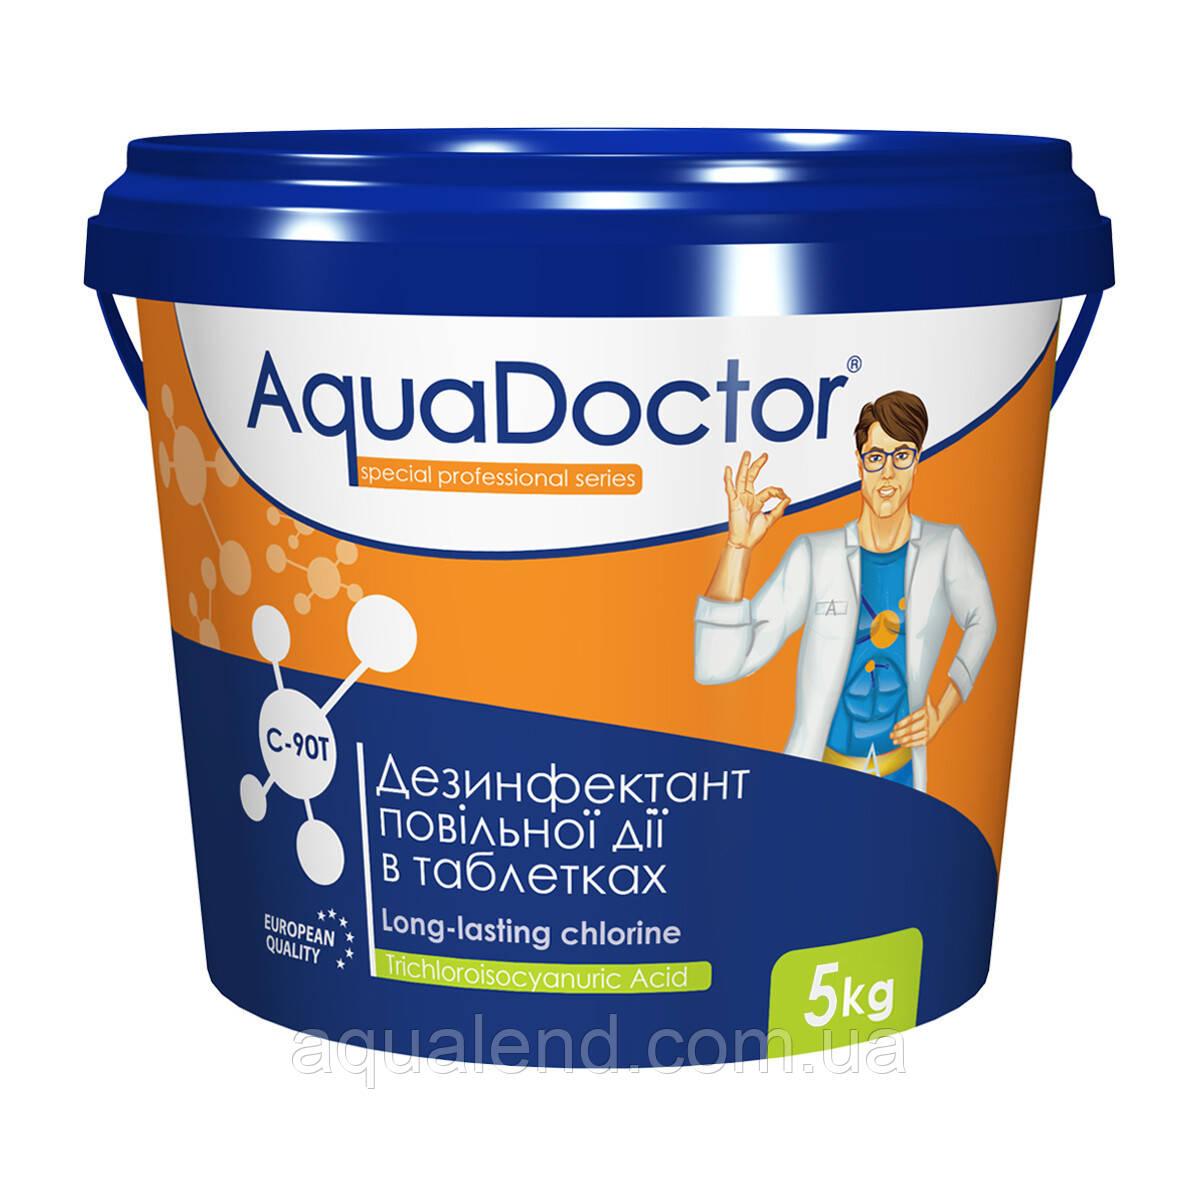 C-90Т, 5кг повільнорозчинний хлор для басейну (дезінфекант тривалої дії) у таблетках, AquaDoctor